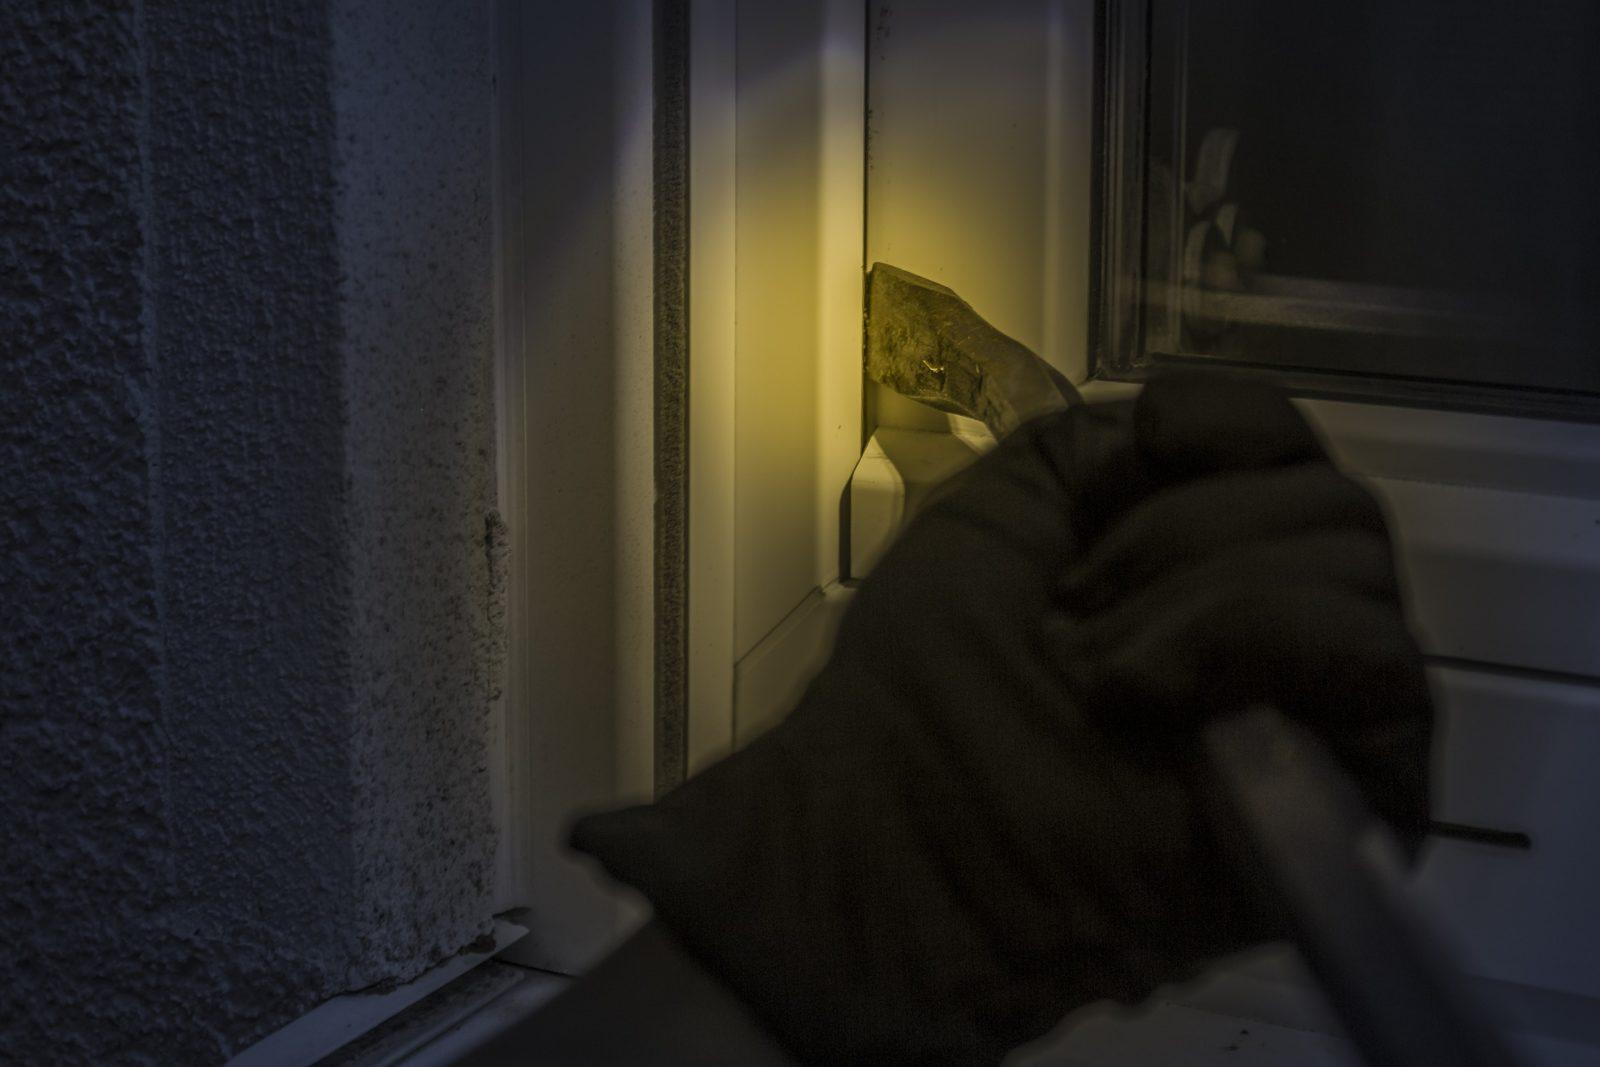 Wohnungseinbruchsdiebstahl bei Anwesenheit der Bewohner in Homburg - Blaulichtreport-Saarland